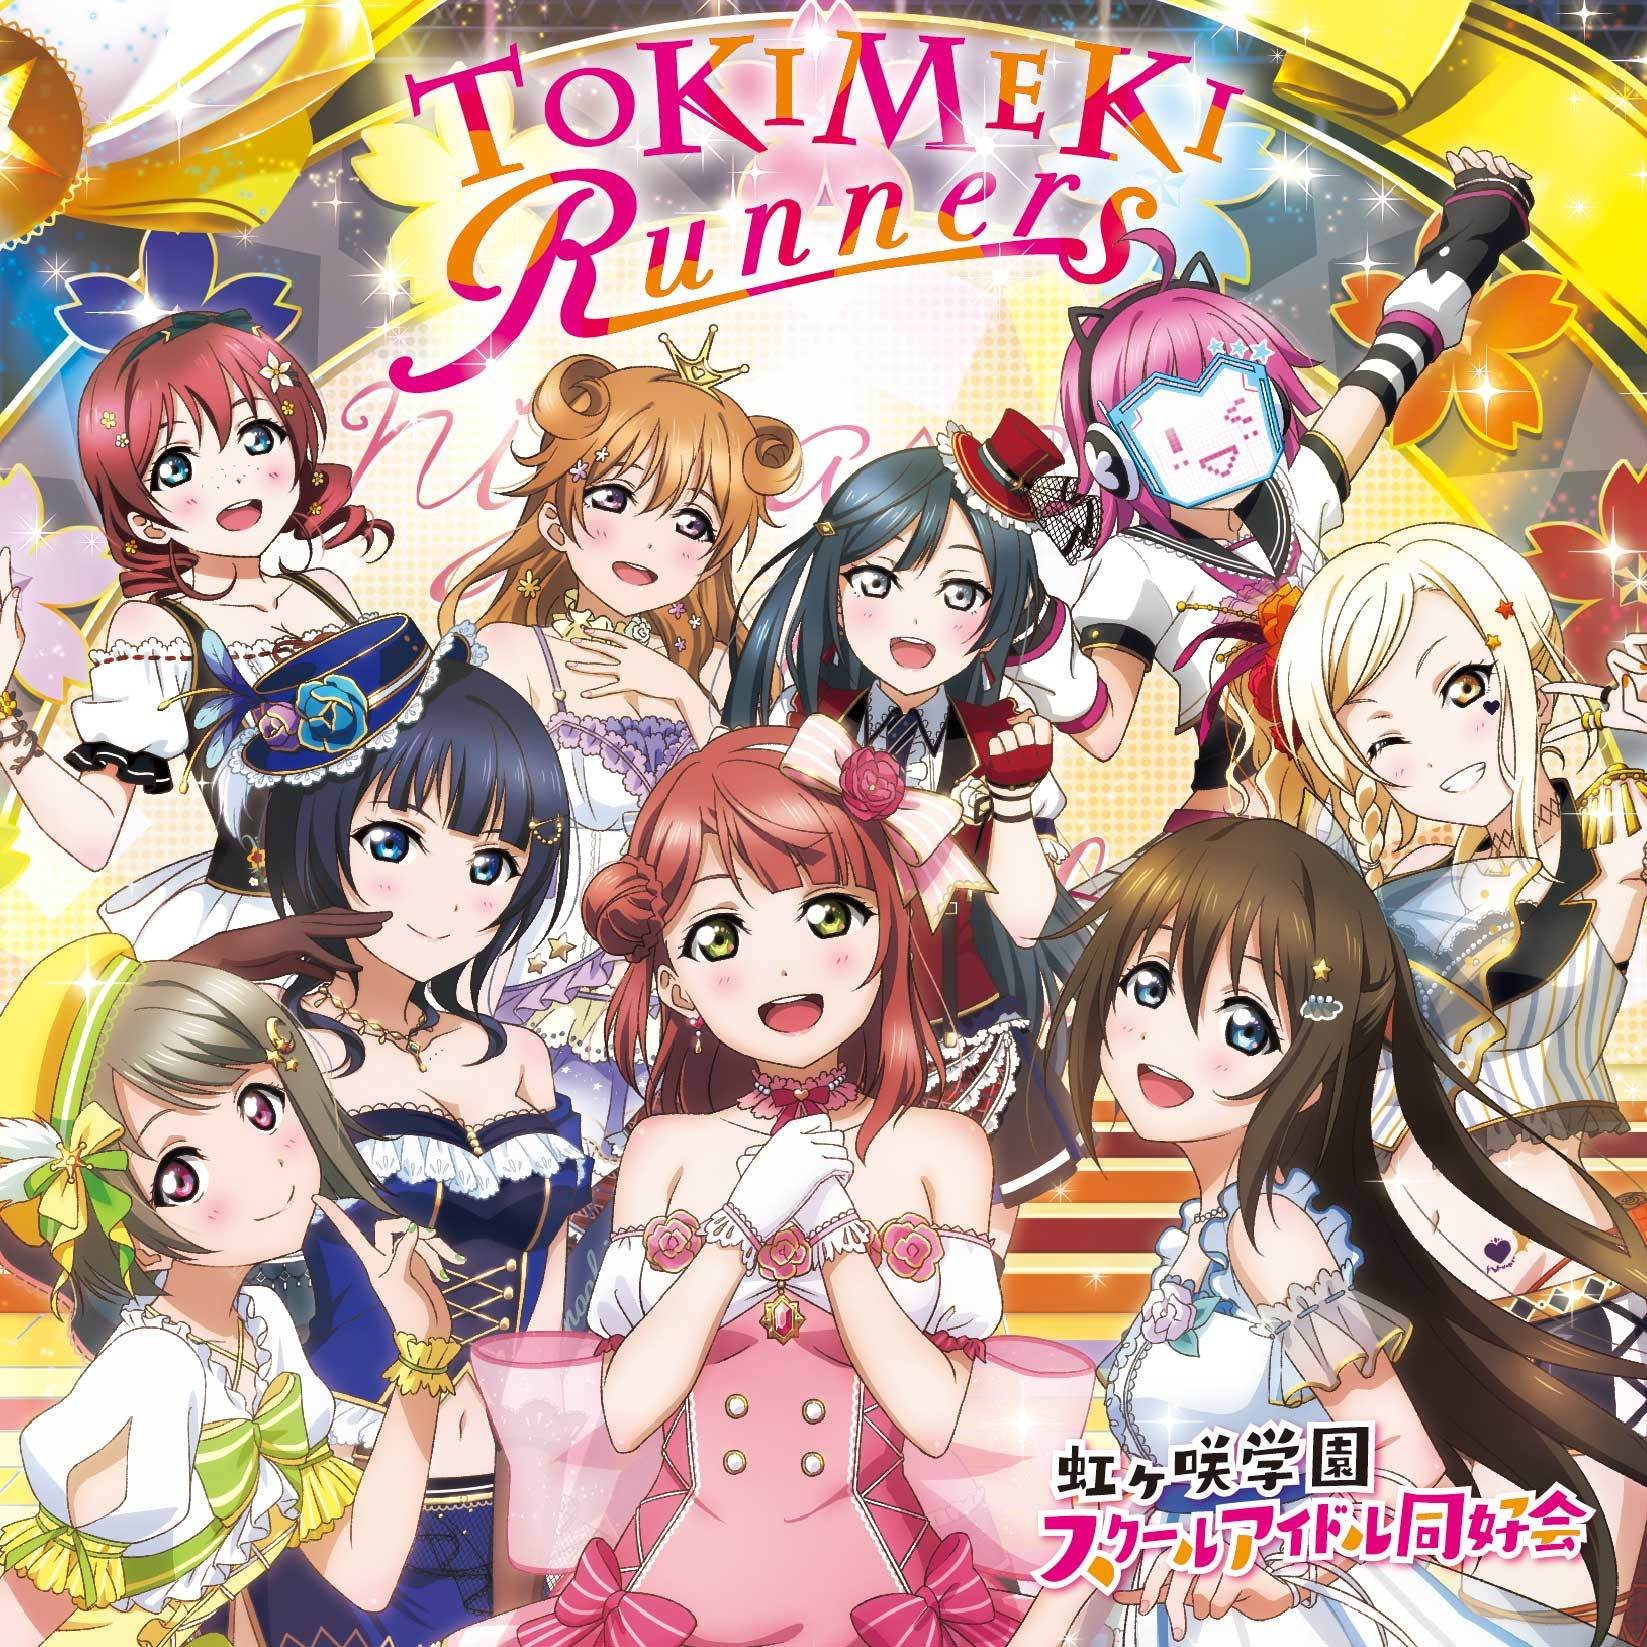 虹ヶ咲学園スクールアイドル同好会のデビューアルバム『TOKIMEKI Runners』